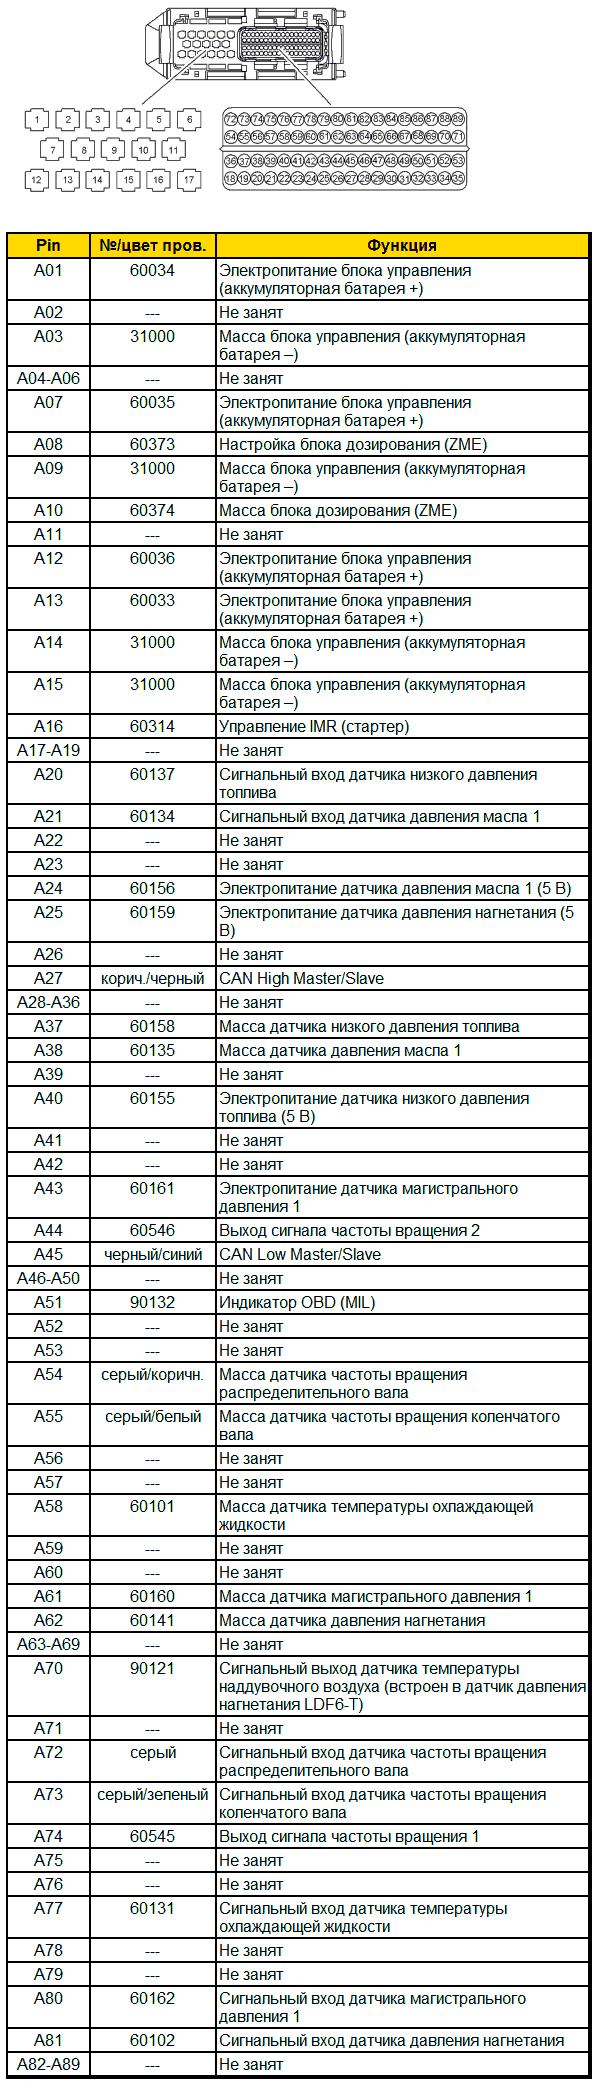 Схема подключения црт-01